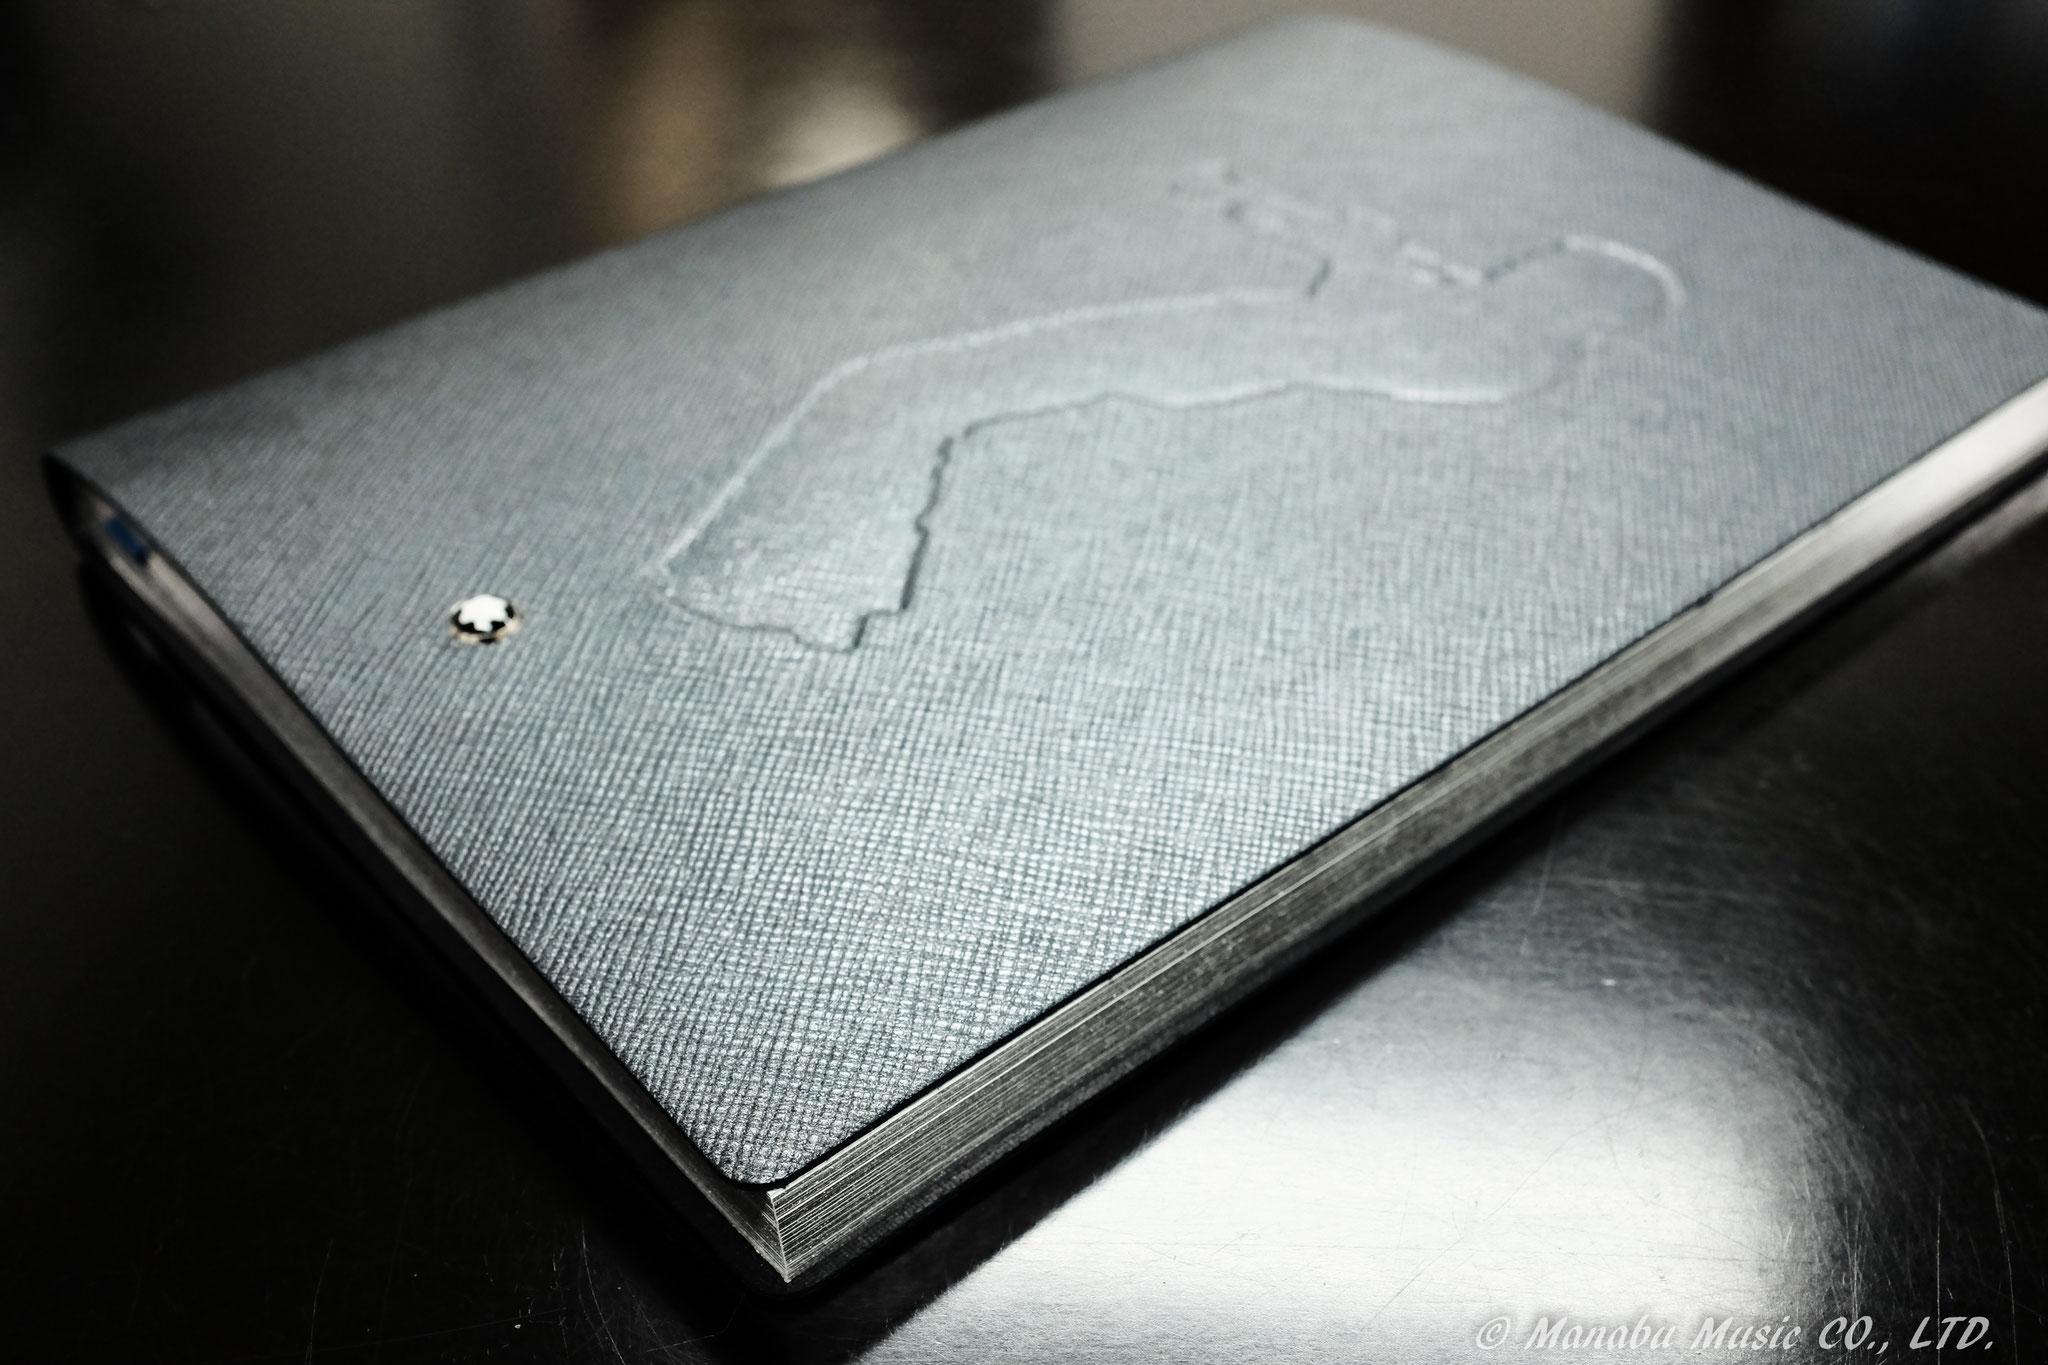 Notebook  「グレートキャラクターズエディション マイルス・デイヴィス」シリーズの逸品  X100T